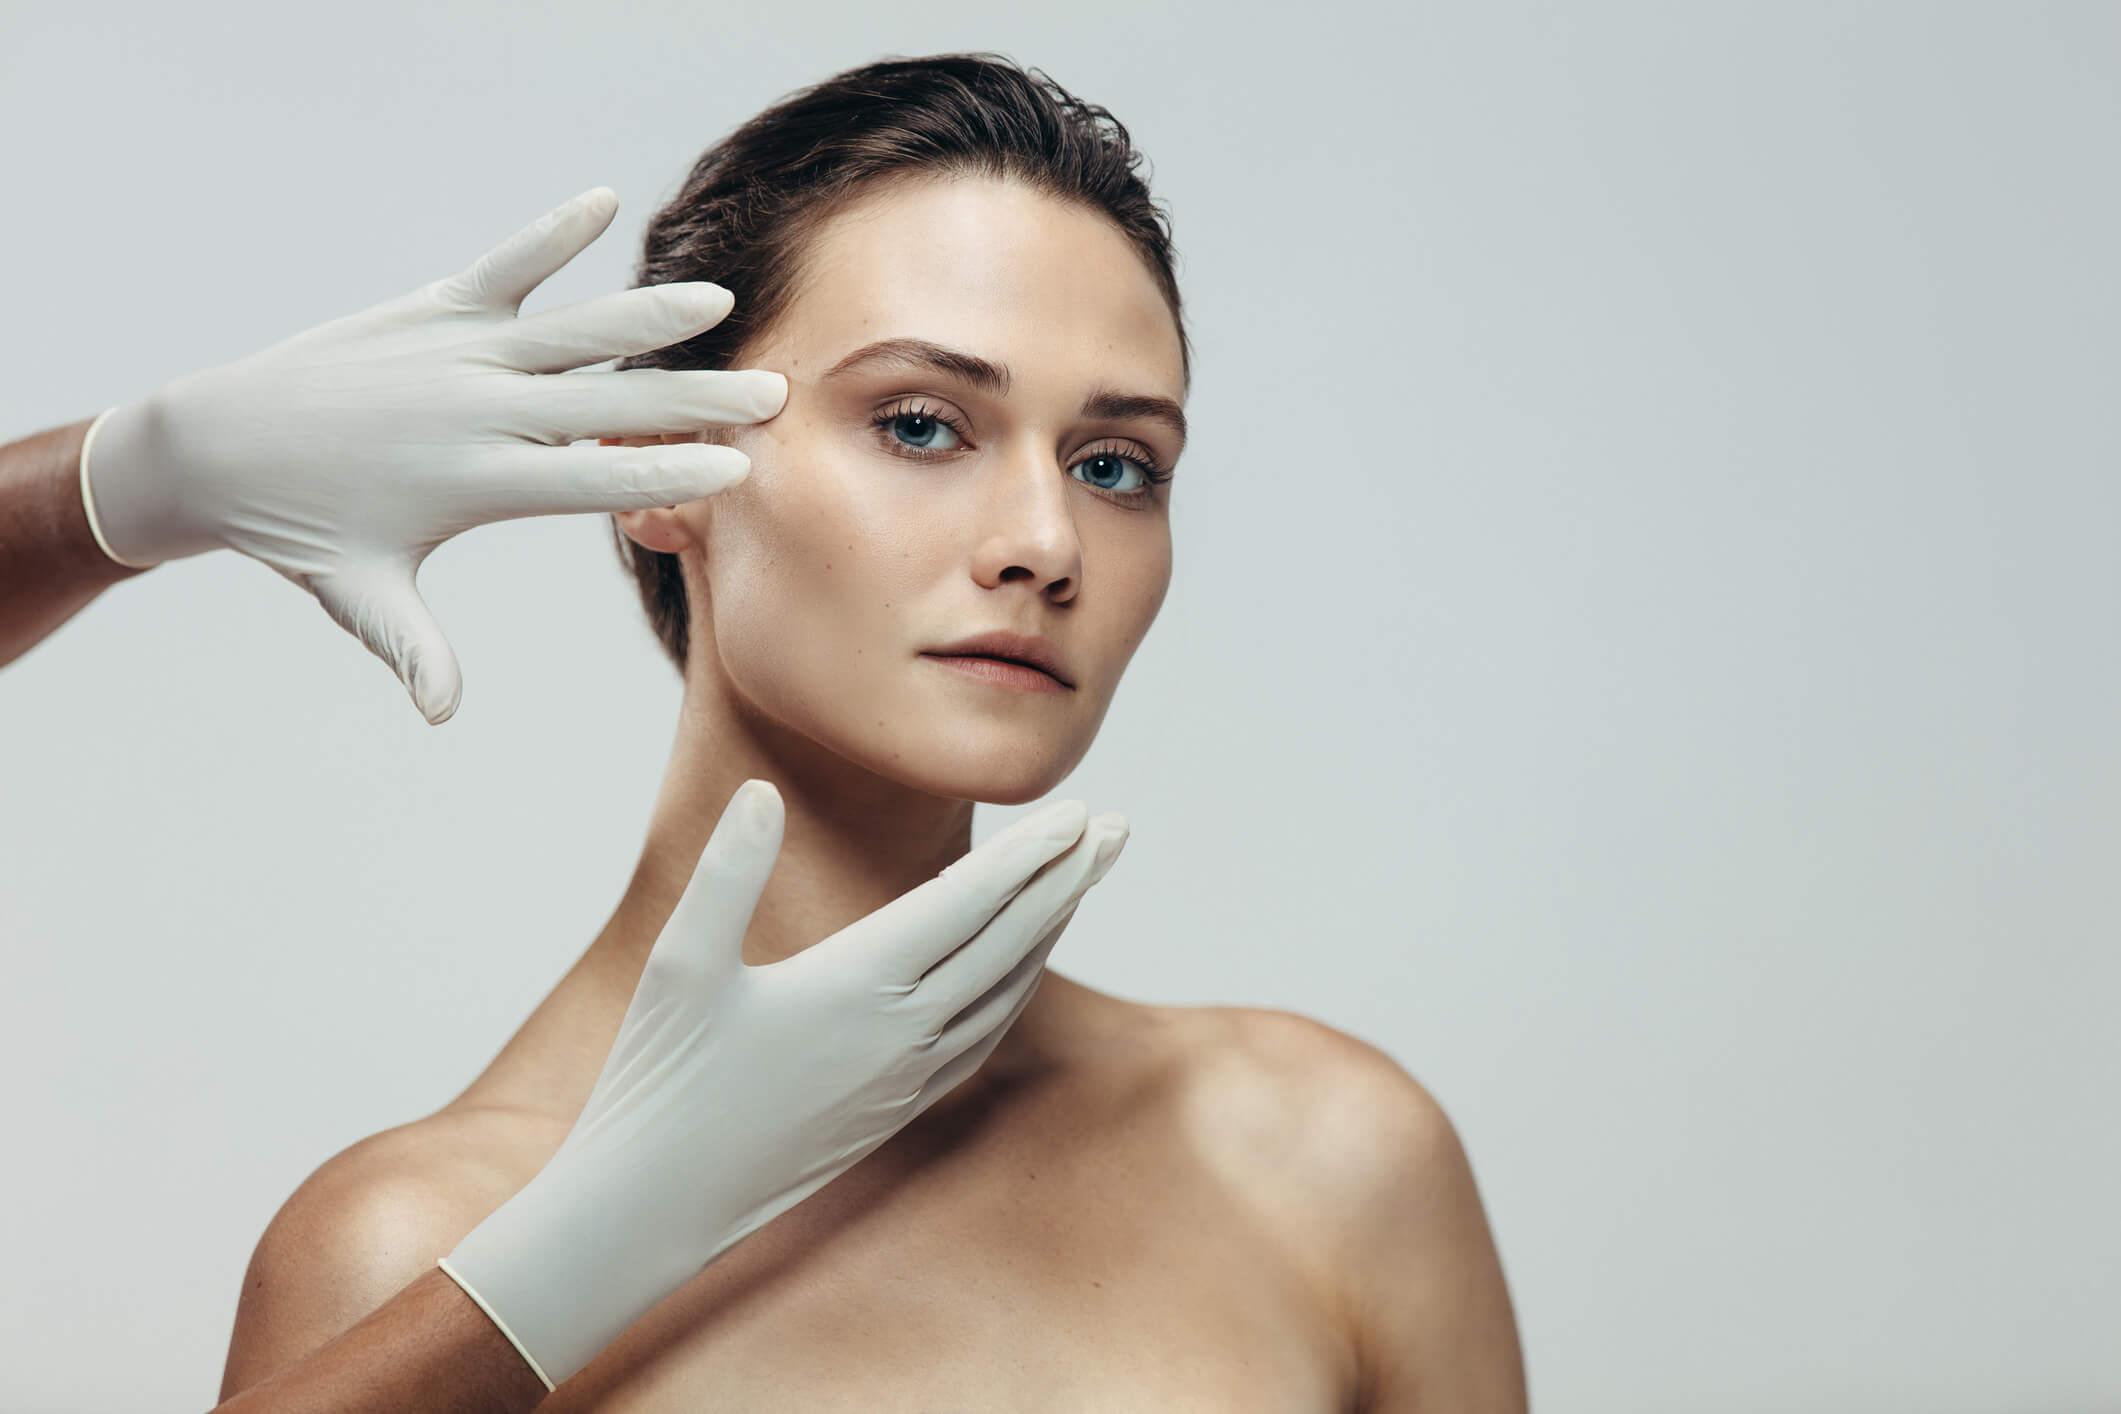 Website Design for Plastic Surgeon Practices